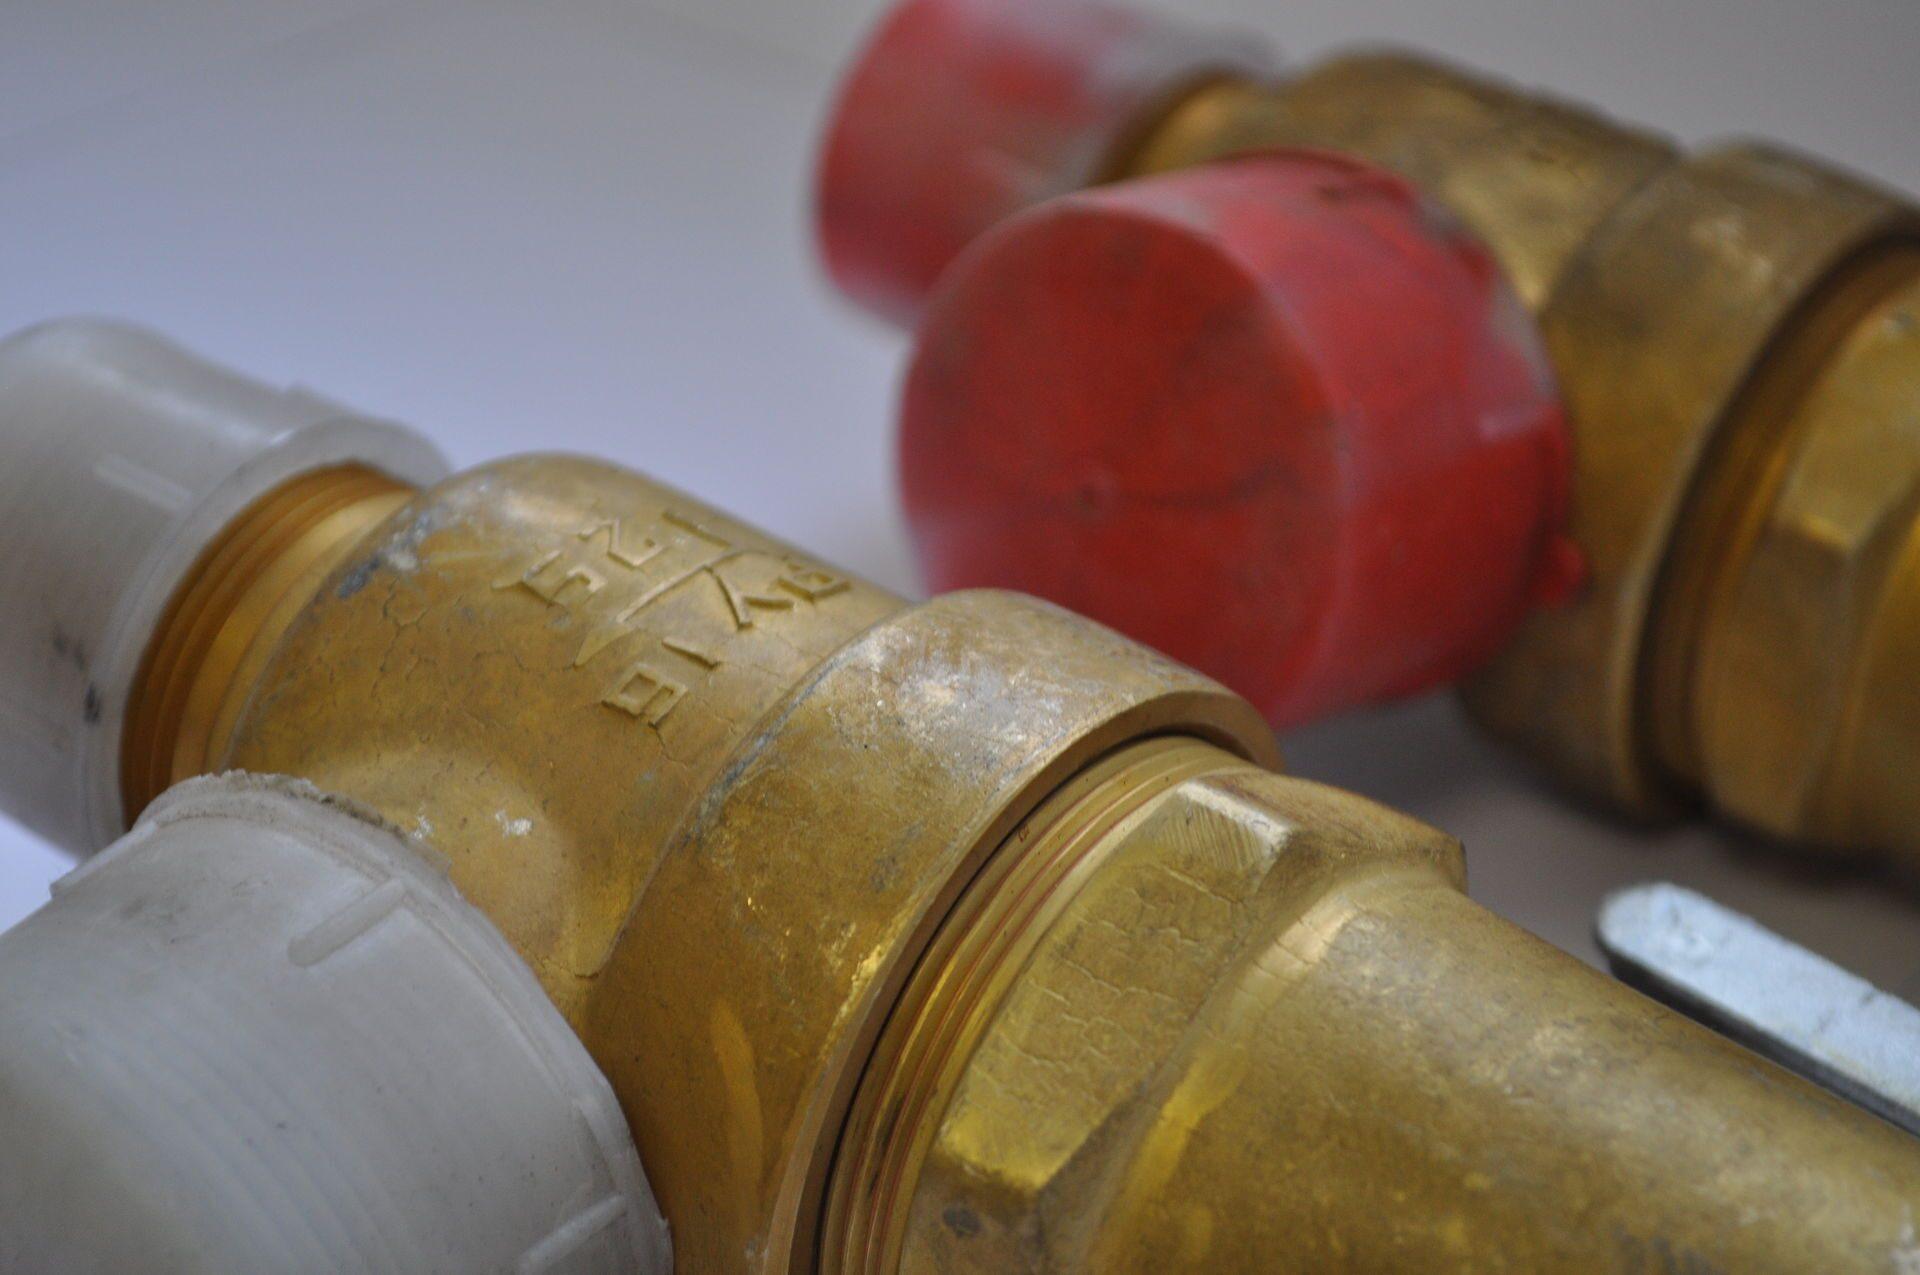 Клапан предохранительный  УФ 55105-025 Ду25 Ру16 (настройка 4-8 Рр8)